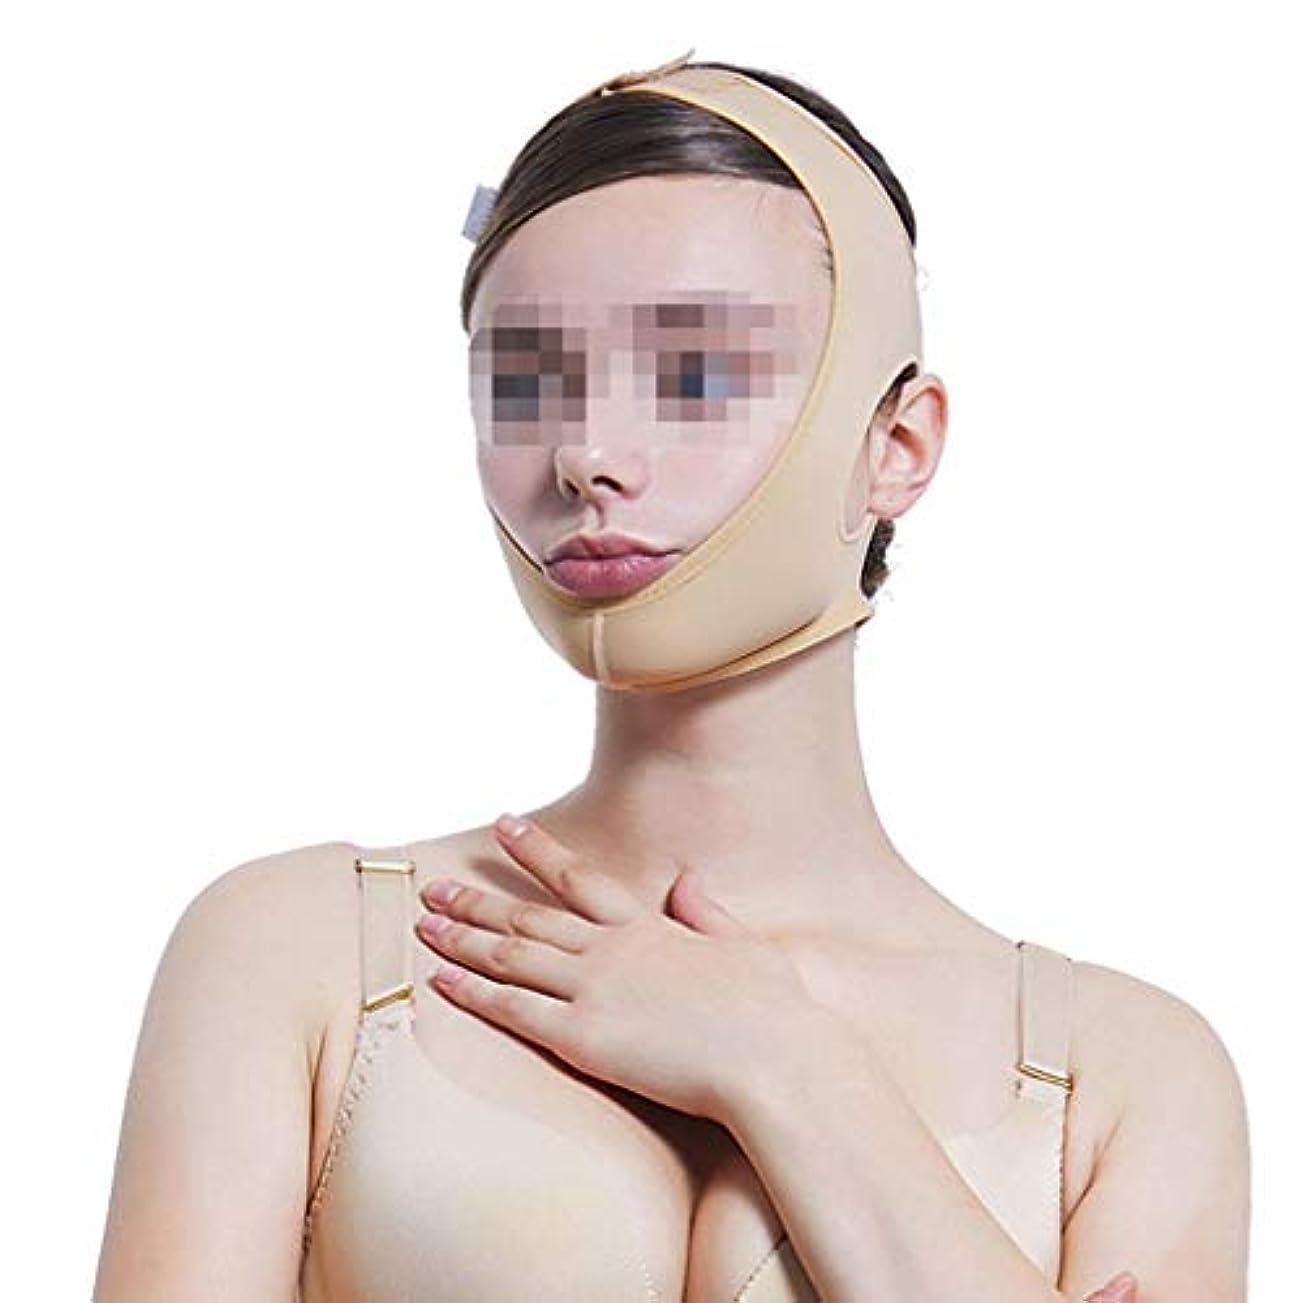 引退した小人感謝祭ビームフェイス弾性ヘッドギア、ダブルあごのあごのセットをマスクの後に線彫り薄いフェイス包帯マルチサイズオプション(サイズ:XS),M